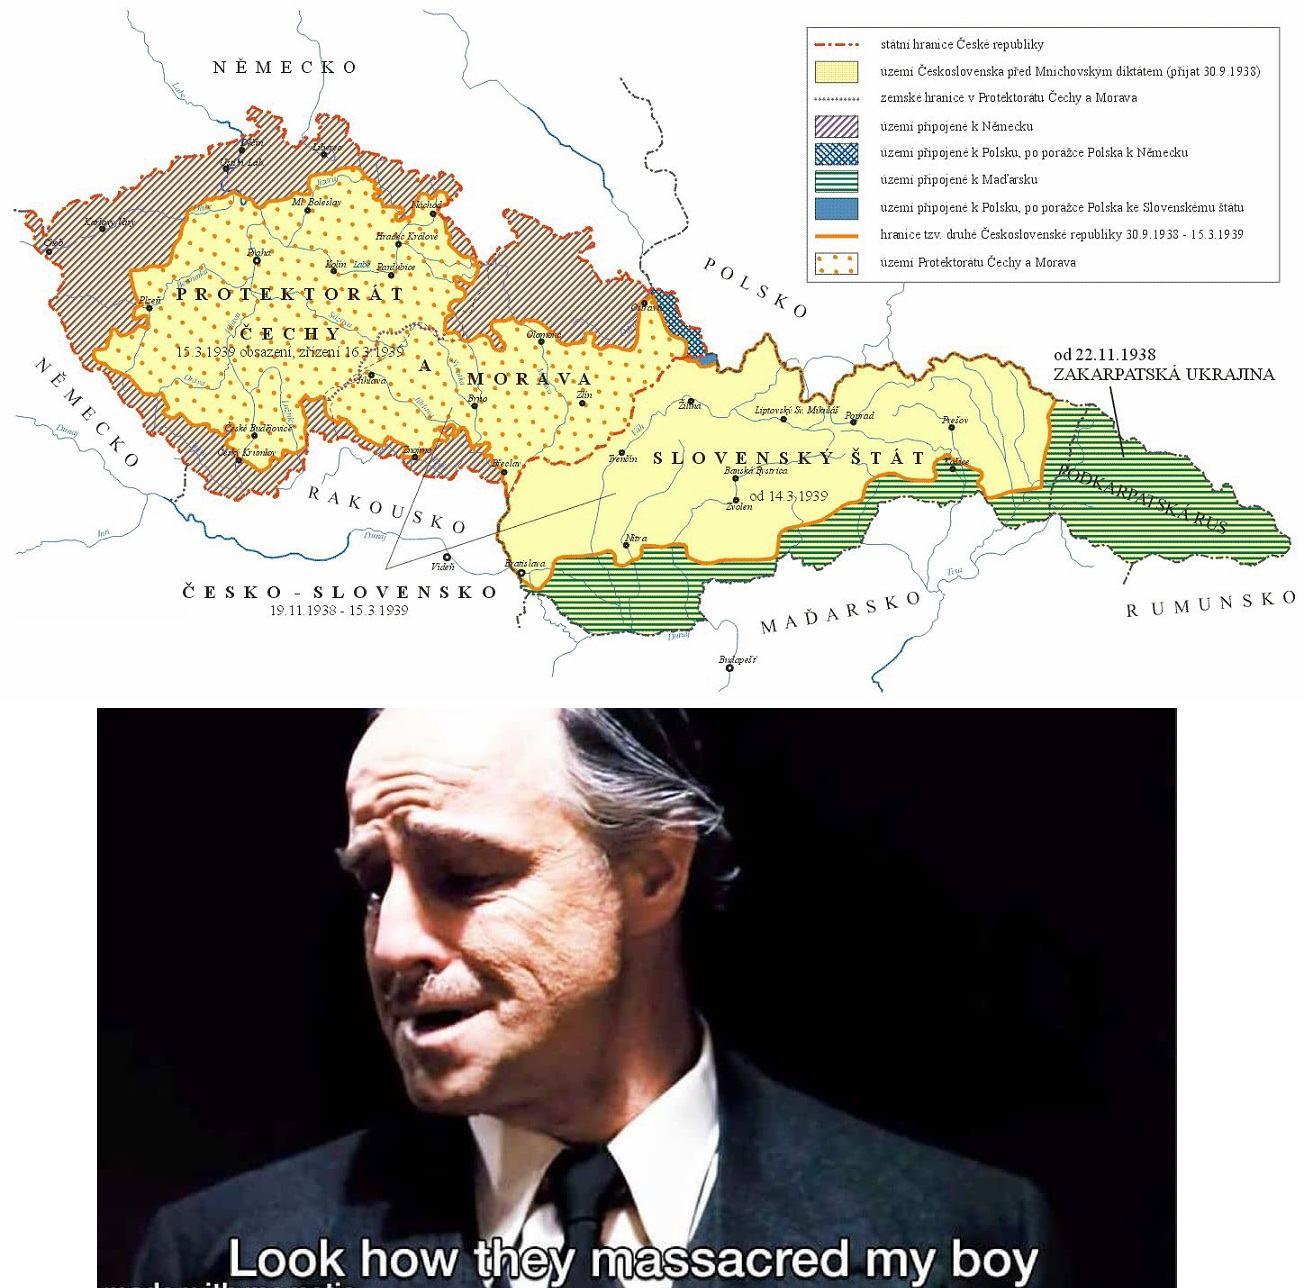 Obrázek slzickazadvojrepubliku